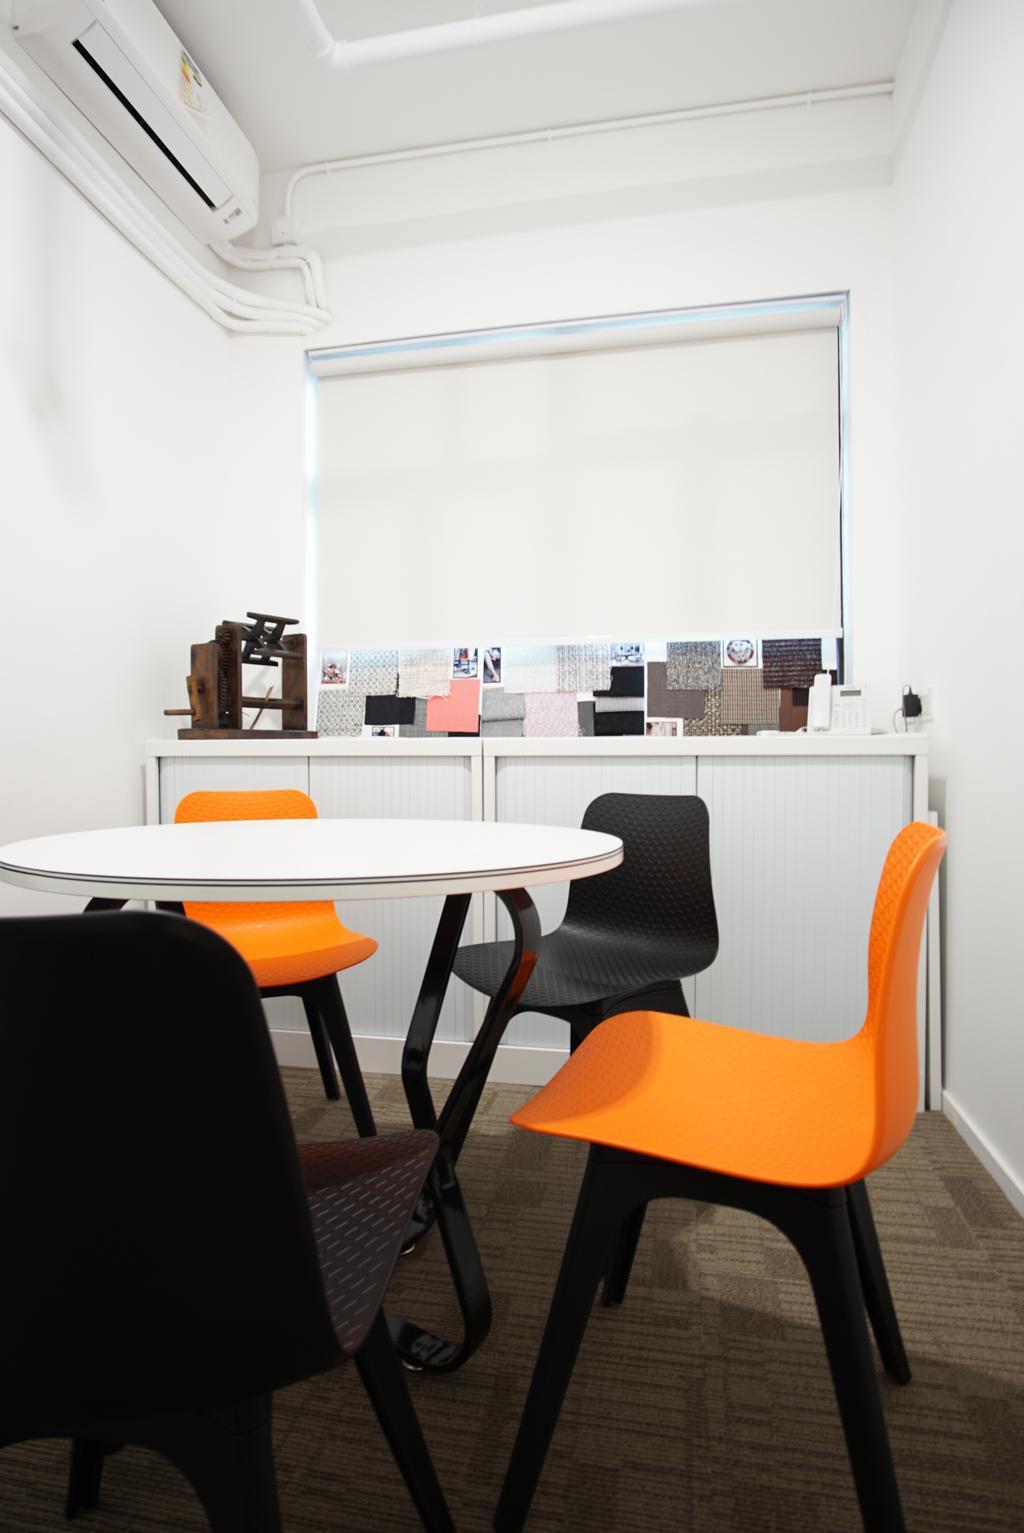 大豐紡織品有限公司, 商用, 室內設計師, AQUA Projects